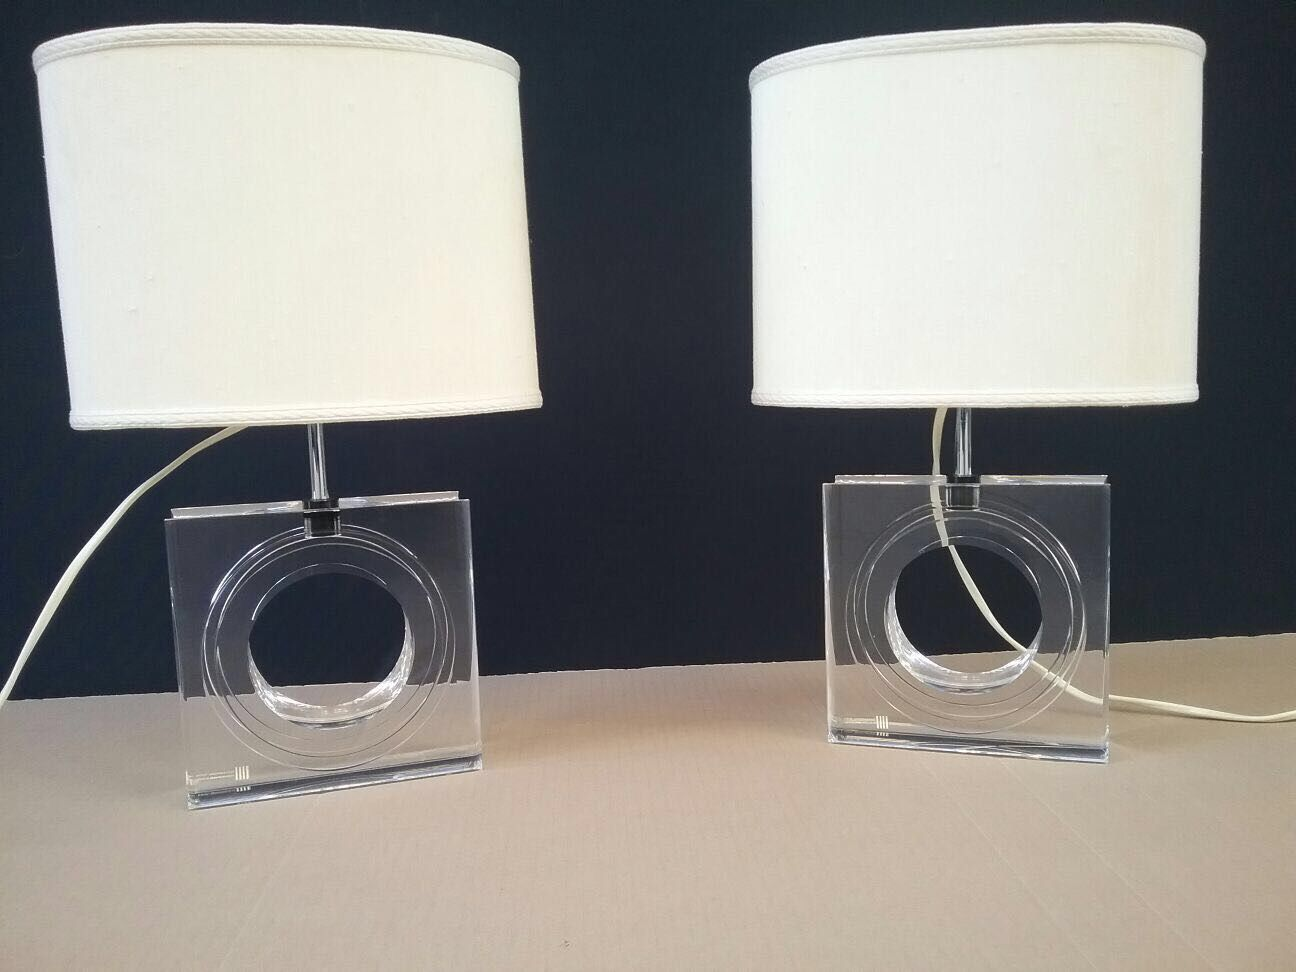 Lampade da tavolo vintage in plexiglas di antonio felice - Lampade da tavolo in plexiglass ...